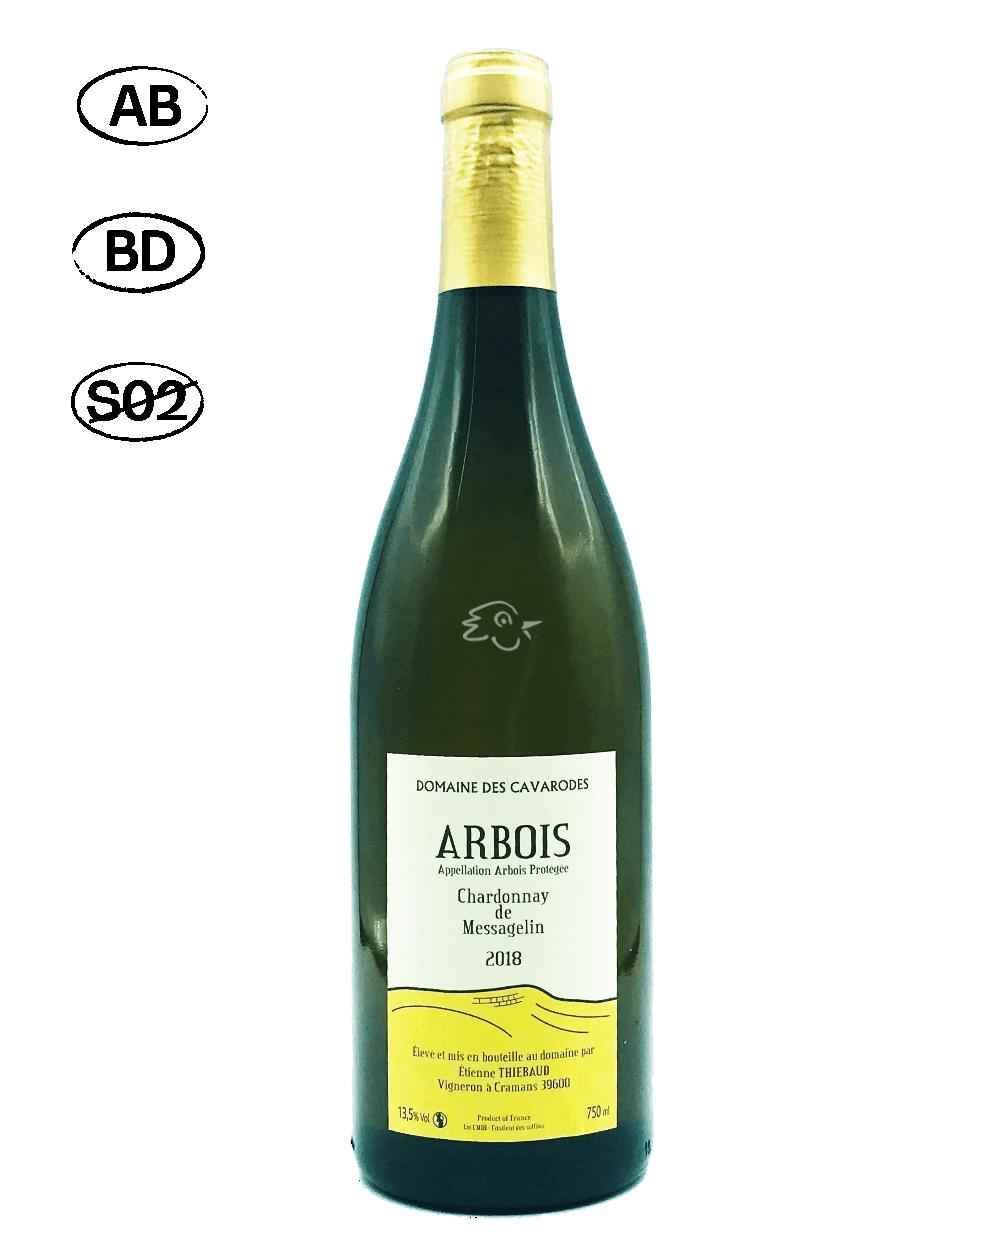 Domaine des Cavarodes - Chardonnay de Messagelin 2018 - Avintures